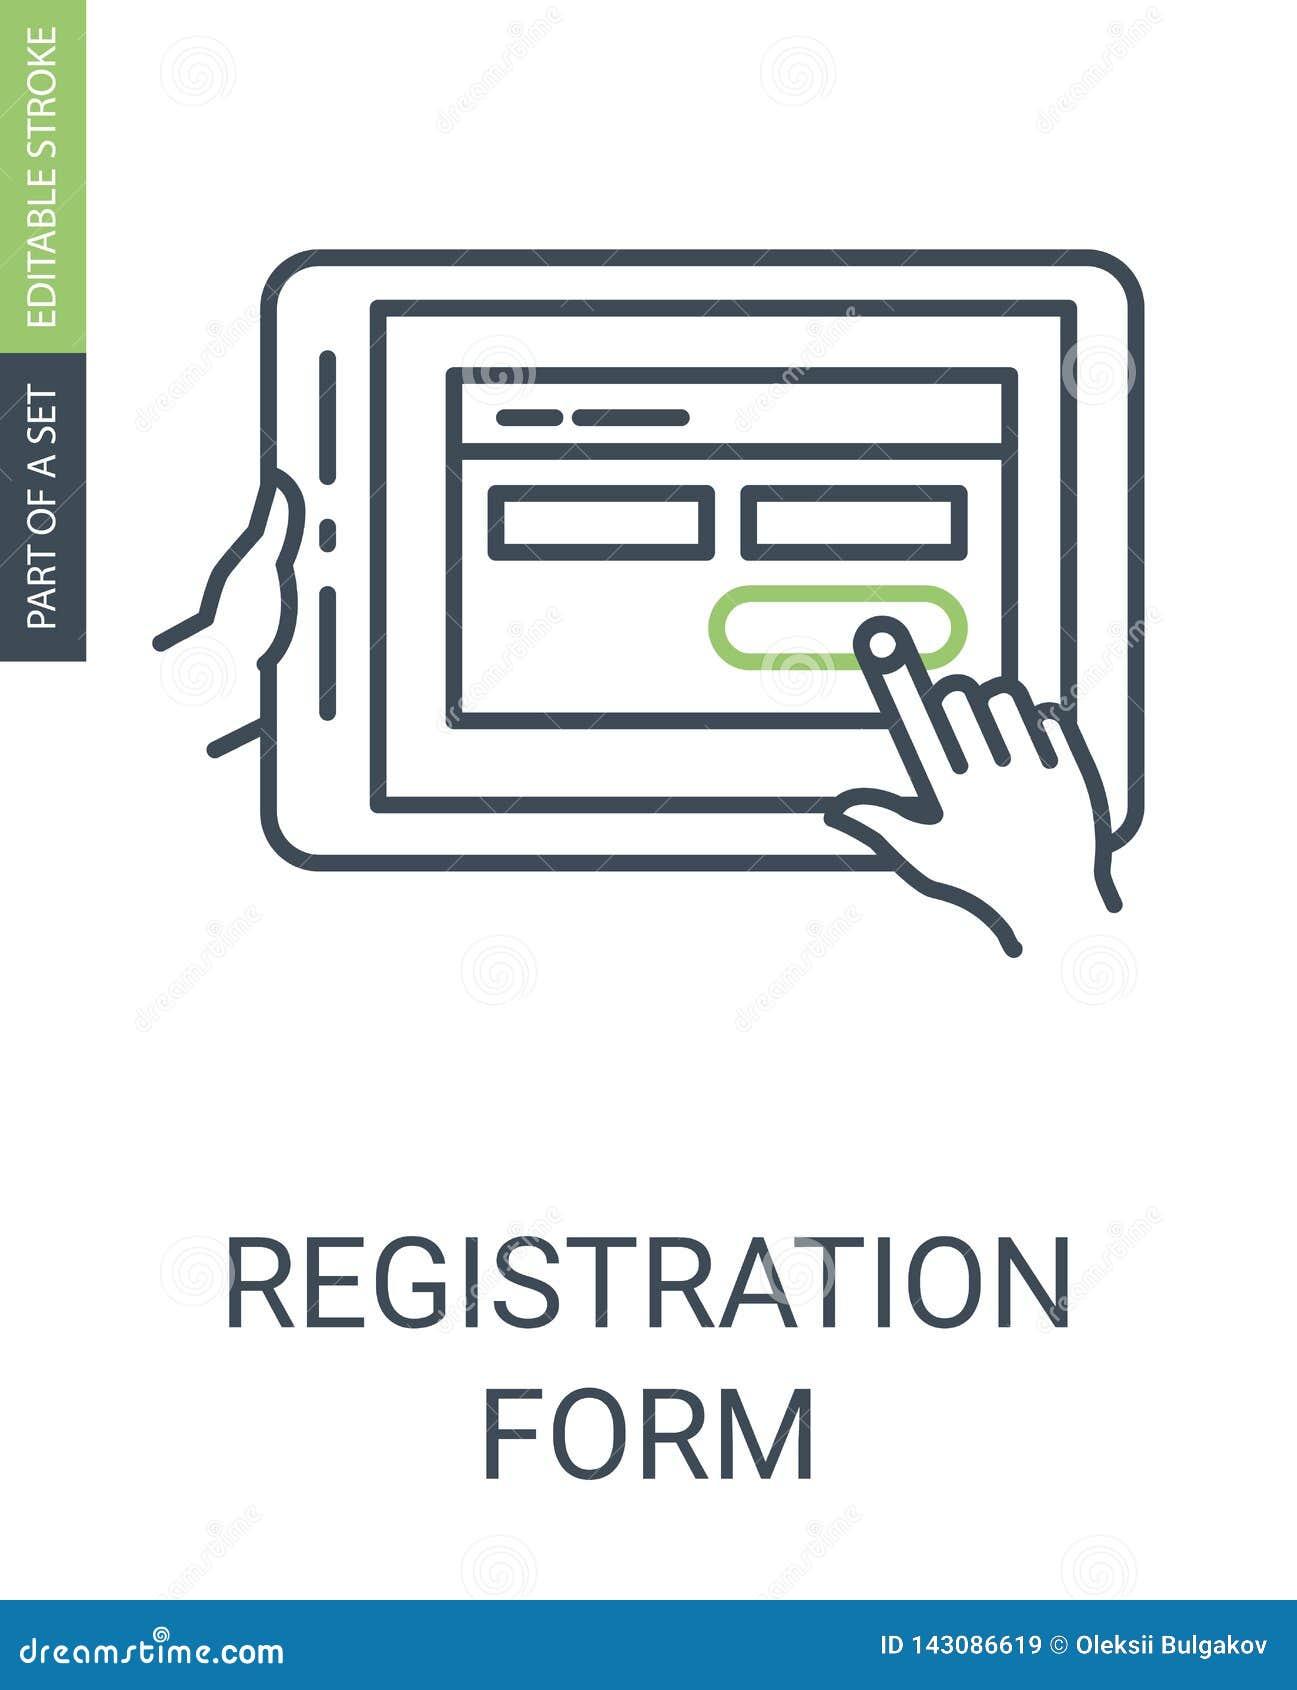 Εικονίδιο αίτησης εγγραφής με το ύφος περιλήψεων και το κτύπημα Editable